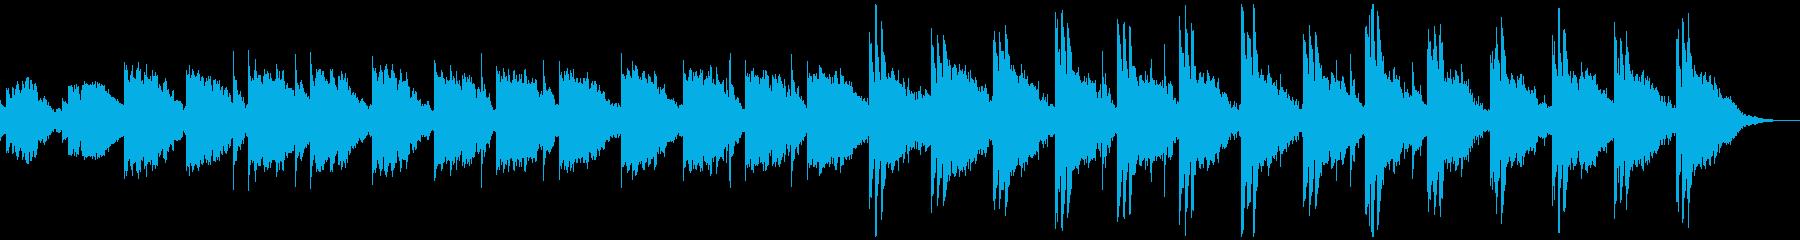 科学/分析/検証をイメージしたBGM_2の再生済みの波形